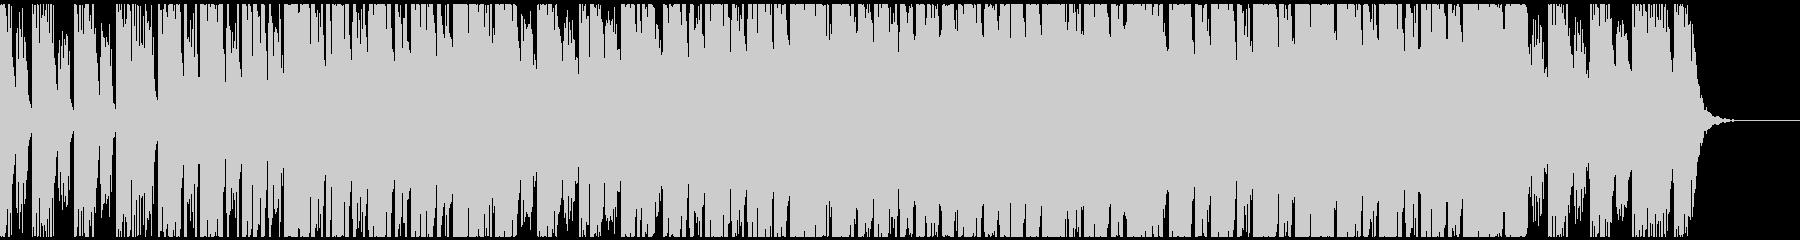 落ち着いたエレピとシンセの未来的なBGMの未再生の波形